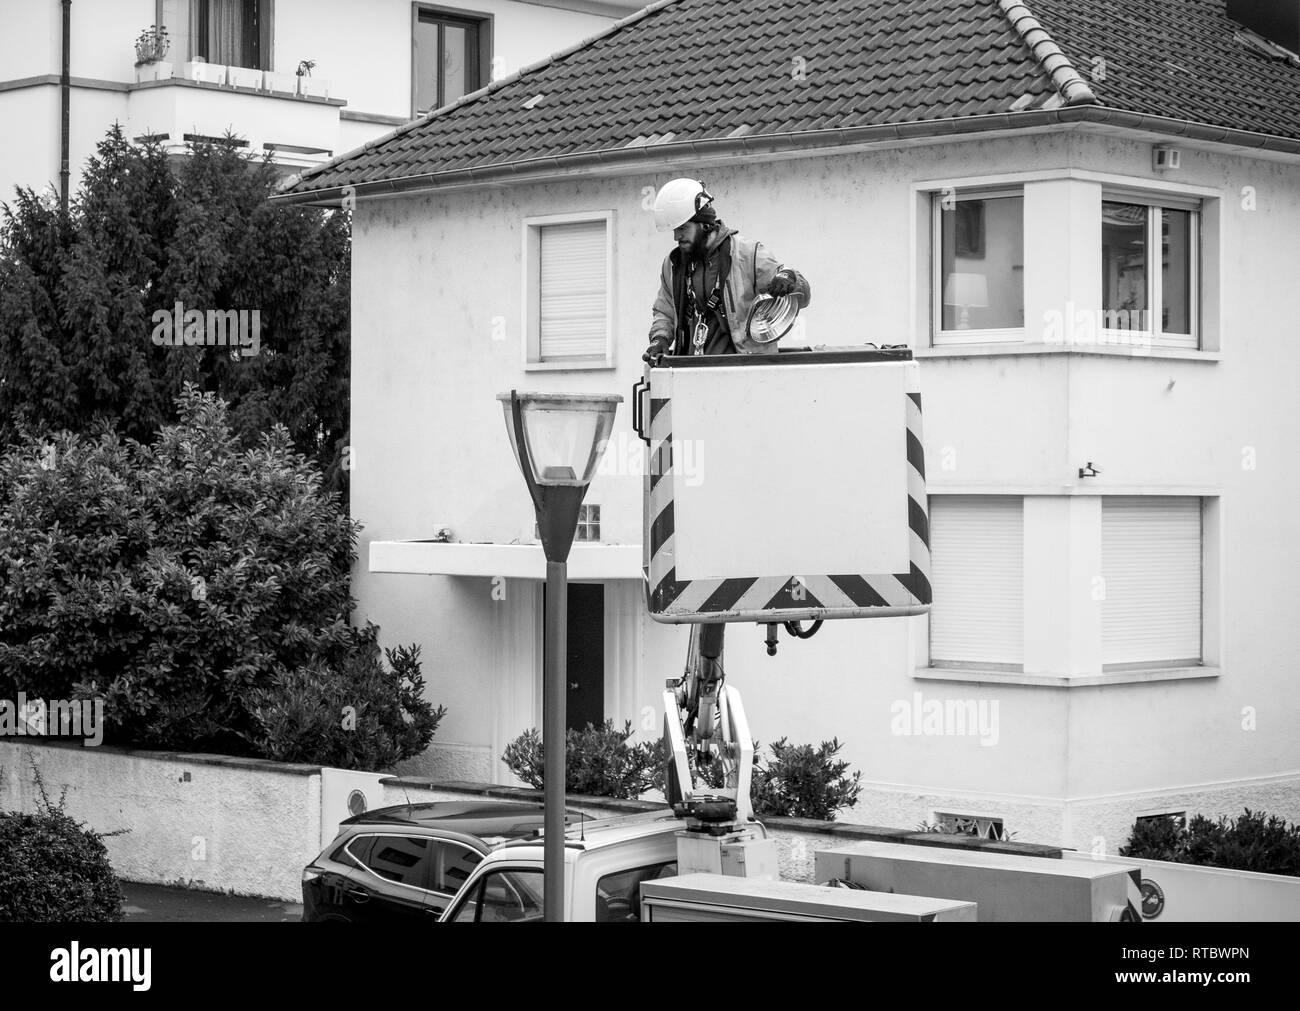 París, Francia - DEC 16, 2017: limpieza trabajador reparar cambiando el tubo luminoso de un mástil ligero en París por la noche, la seguridad y la protección en el barrio Foto de stock